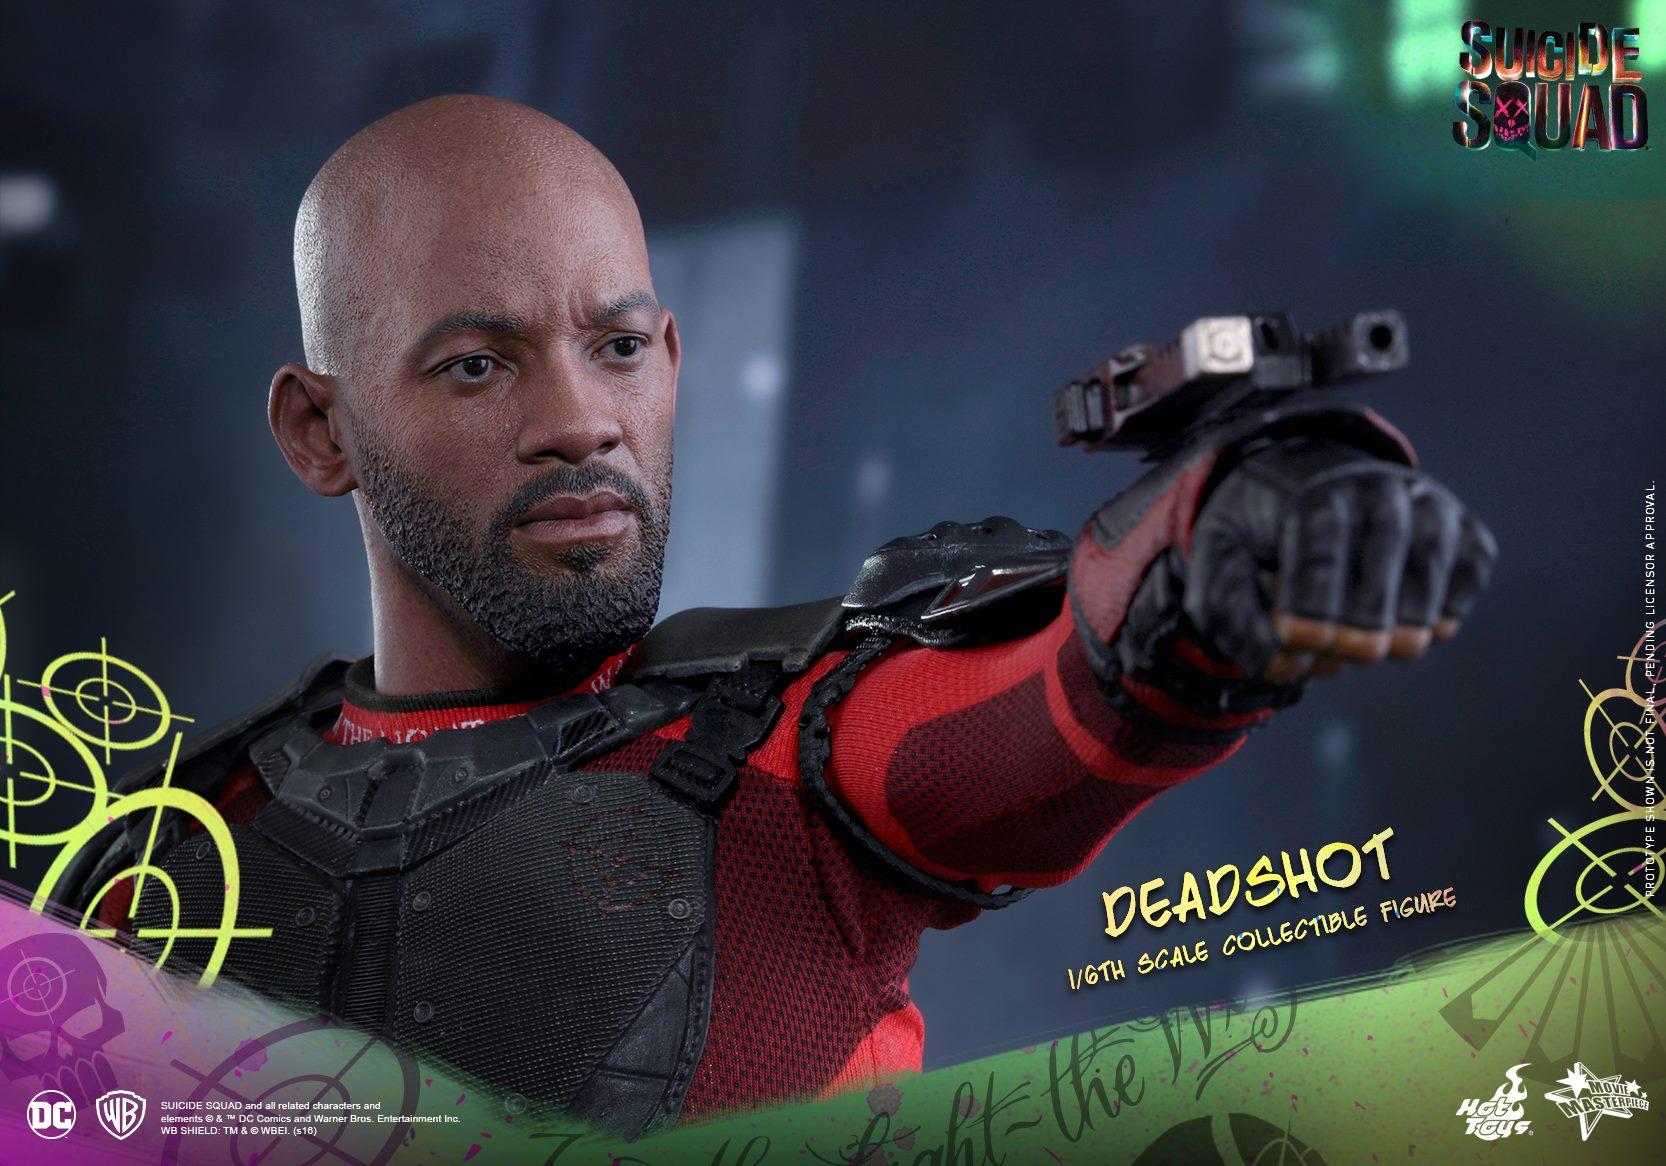 Hot-Toys-Suicide-Squad-Deadshot-14